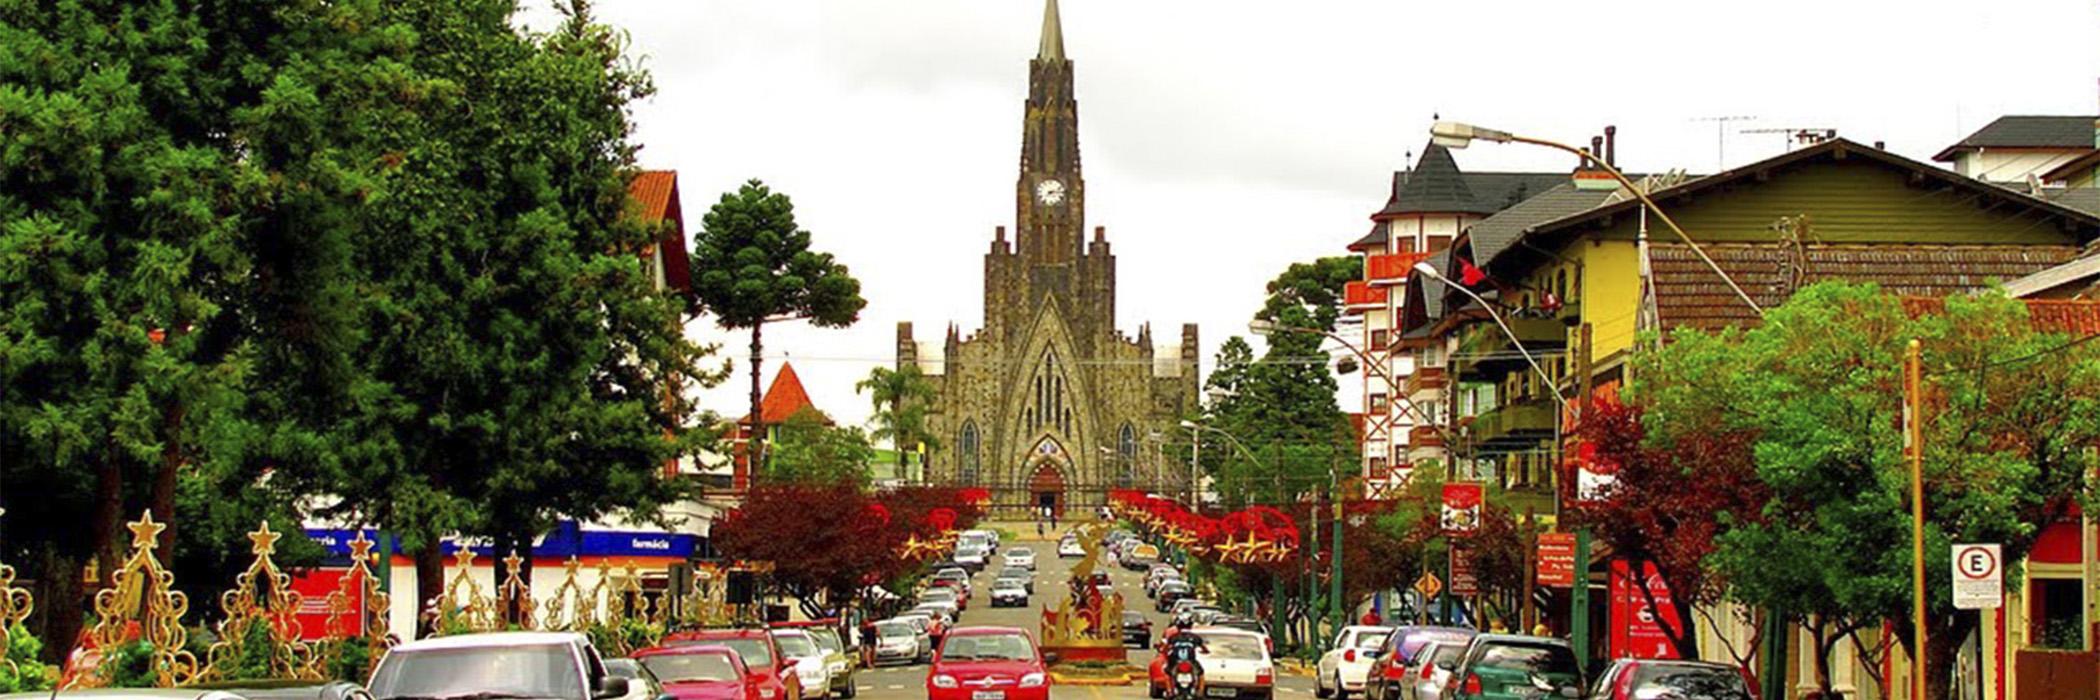 HOME ROTEIRO DA SERRA GAUCHA - RS CANELA - Rua central da cidade